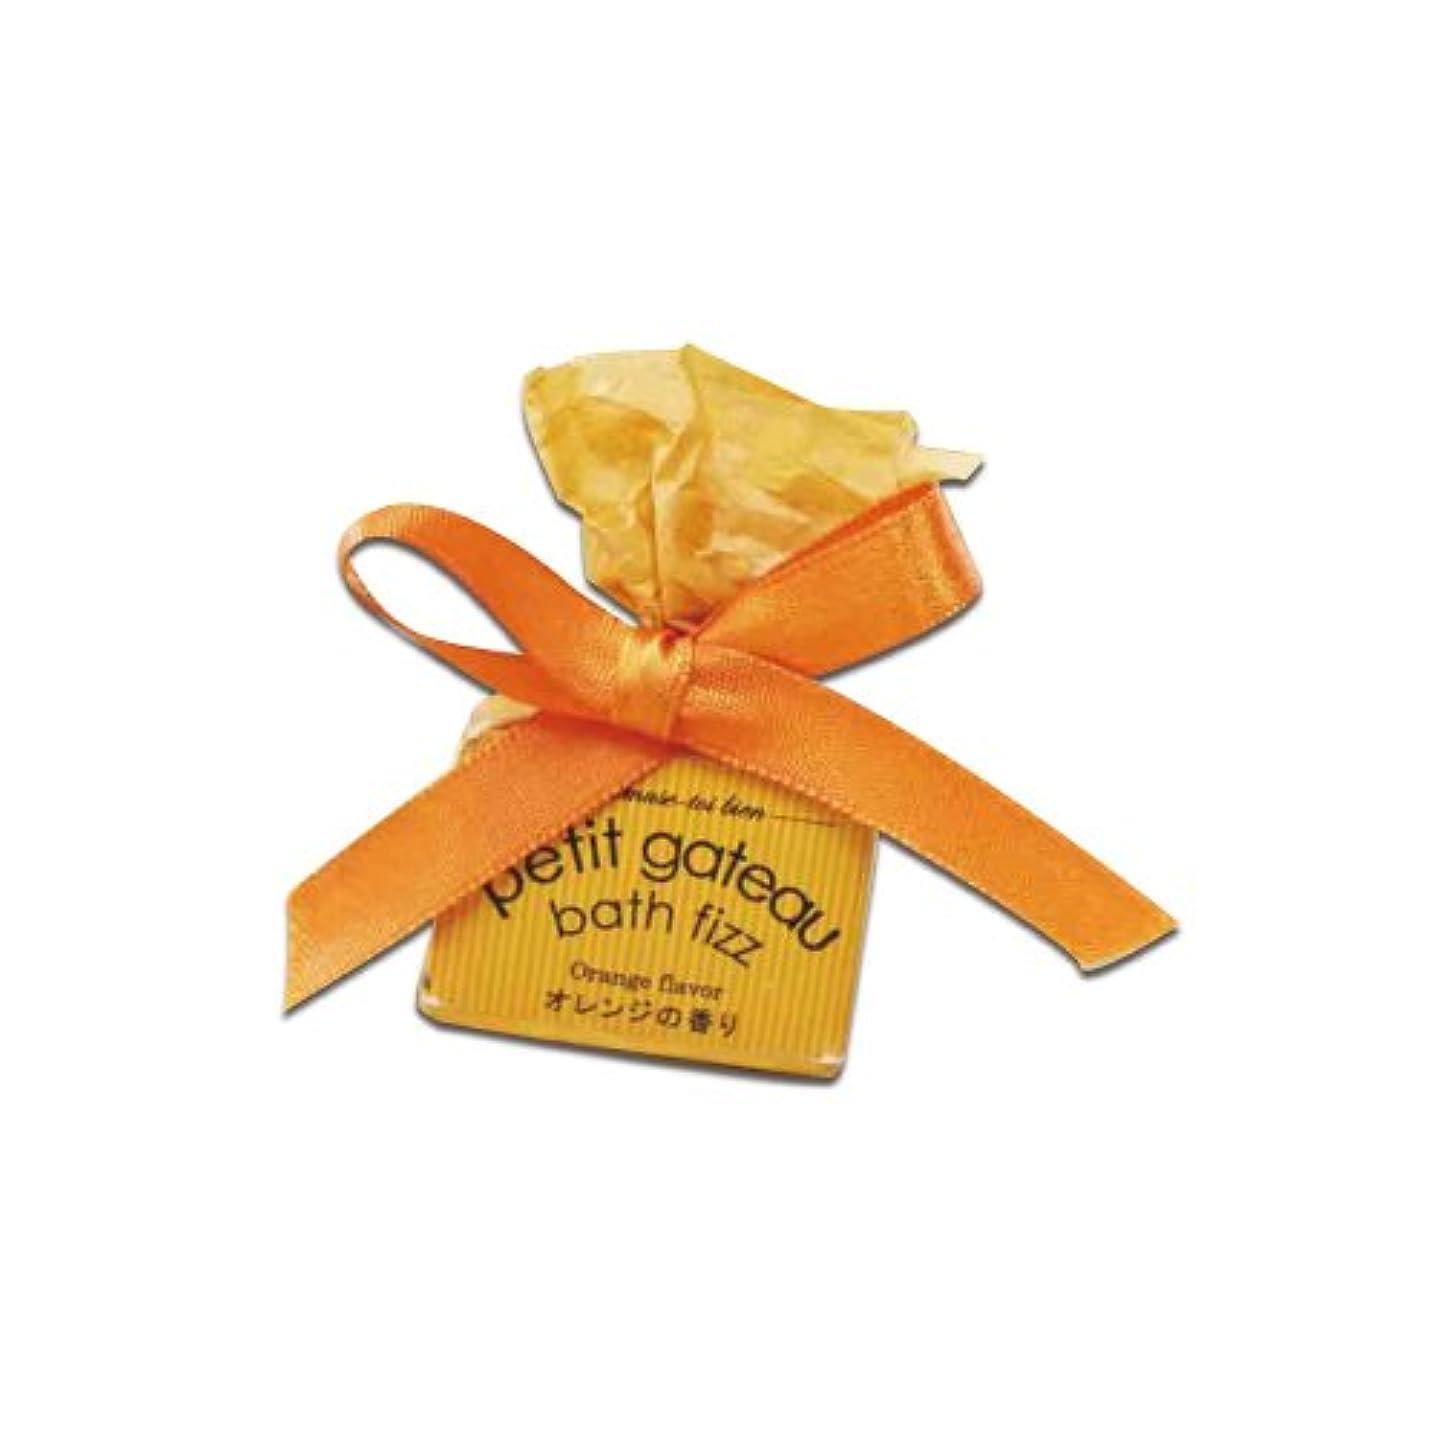 考古学的な変化手紙を書くプチガトーバスフィザー オレンジの香り 12個セット